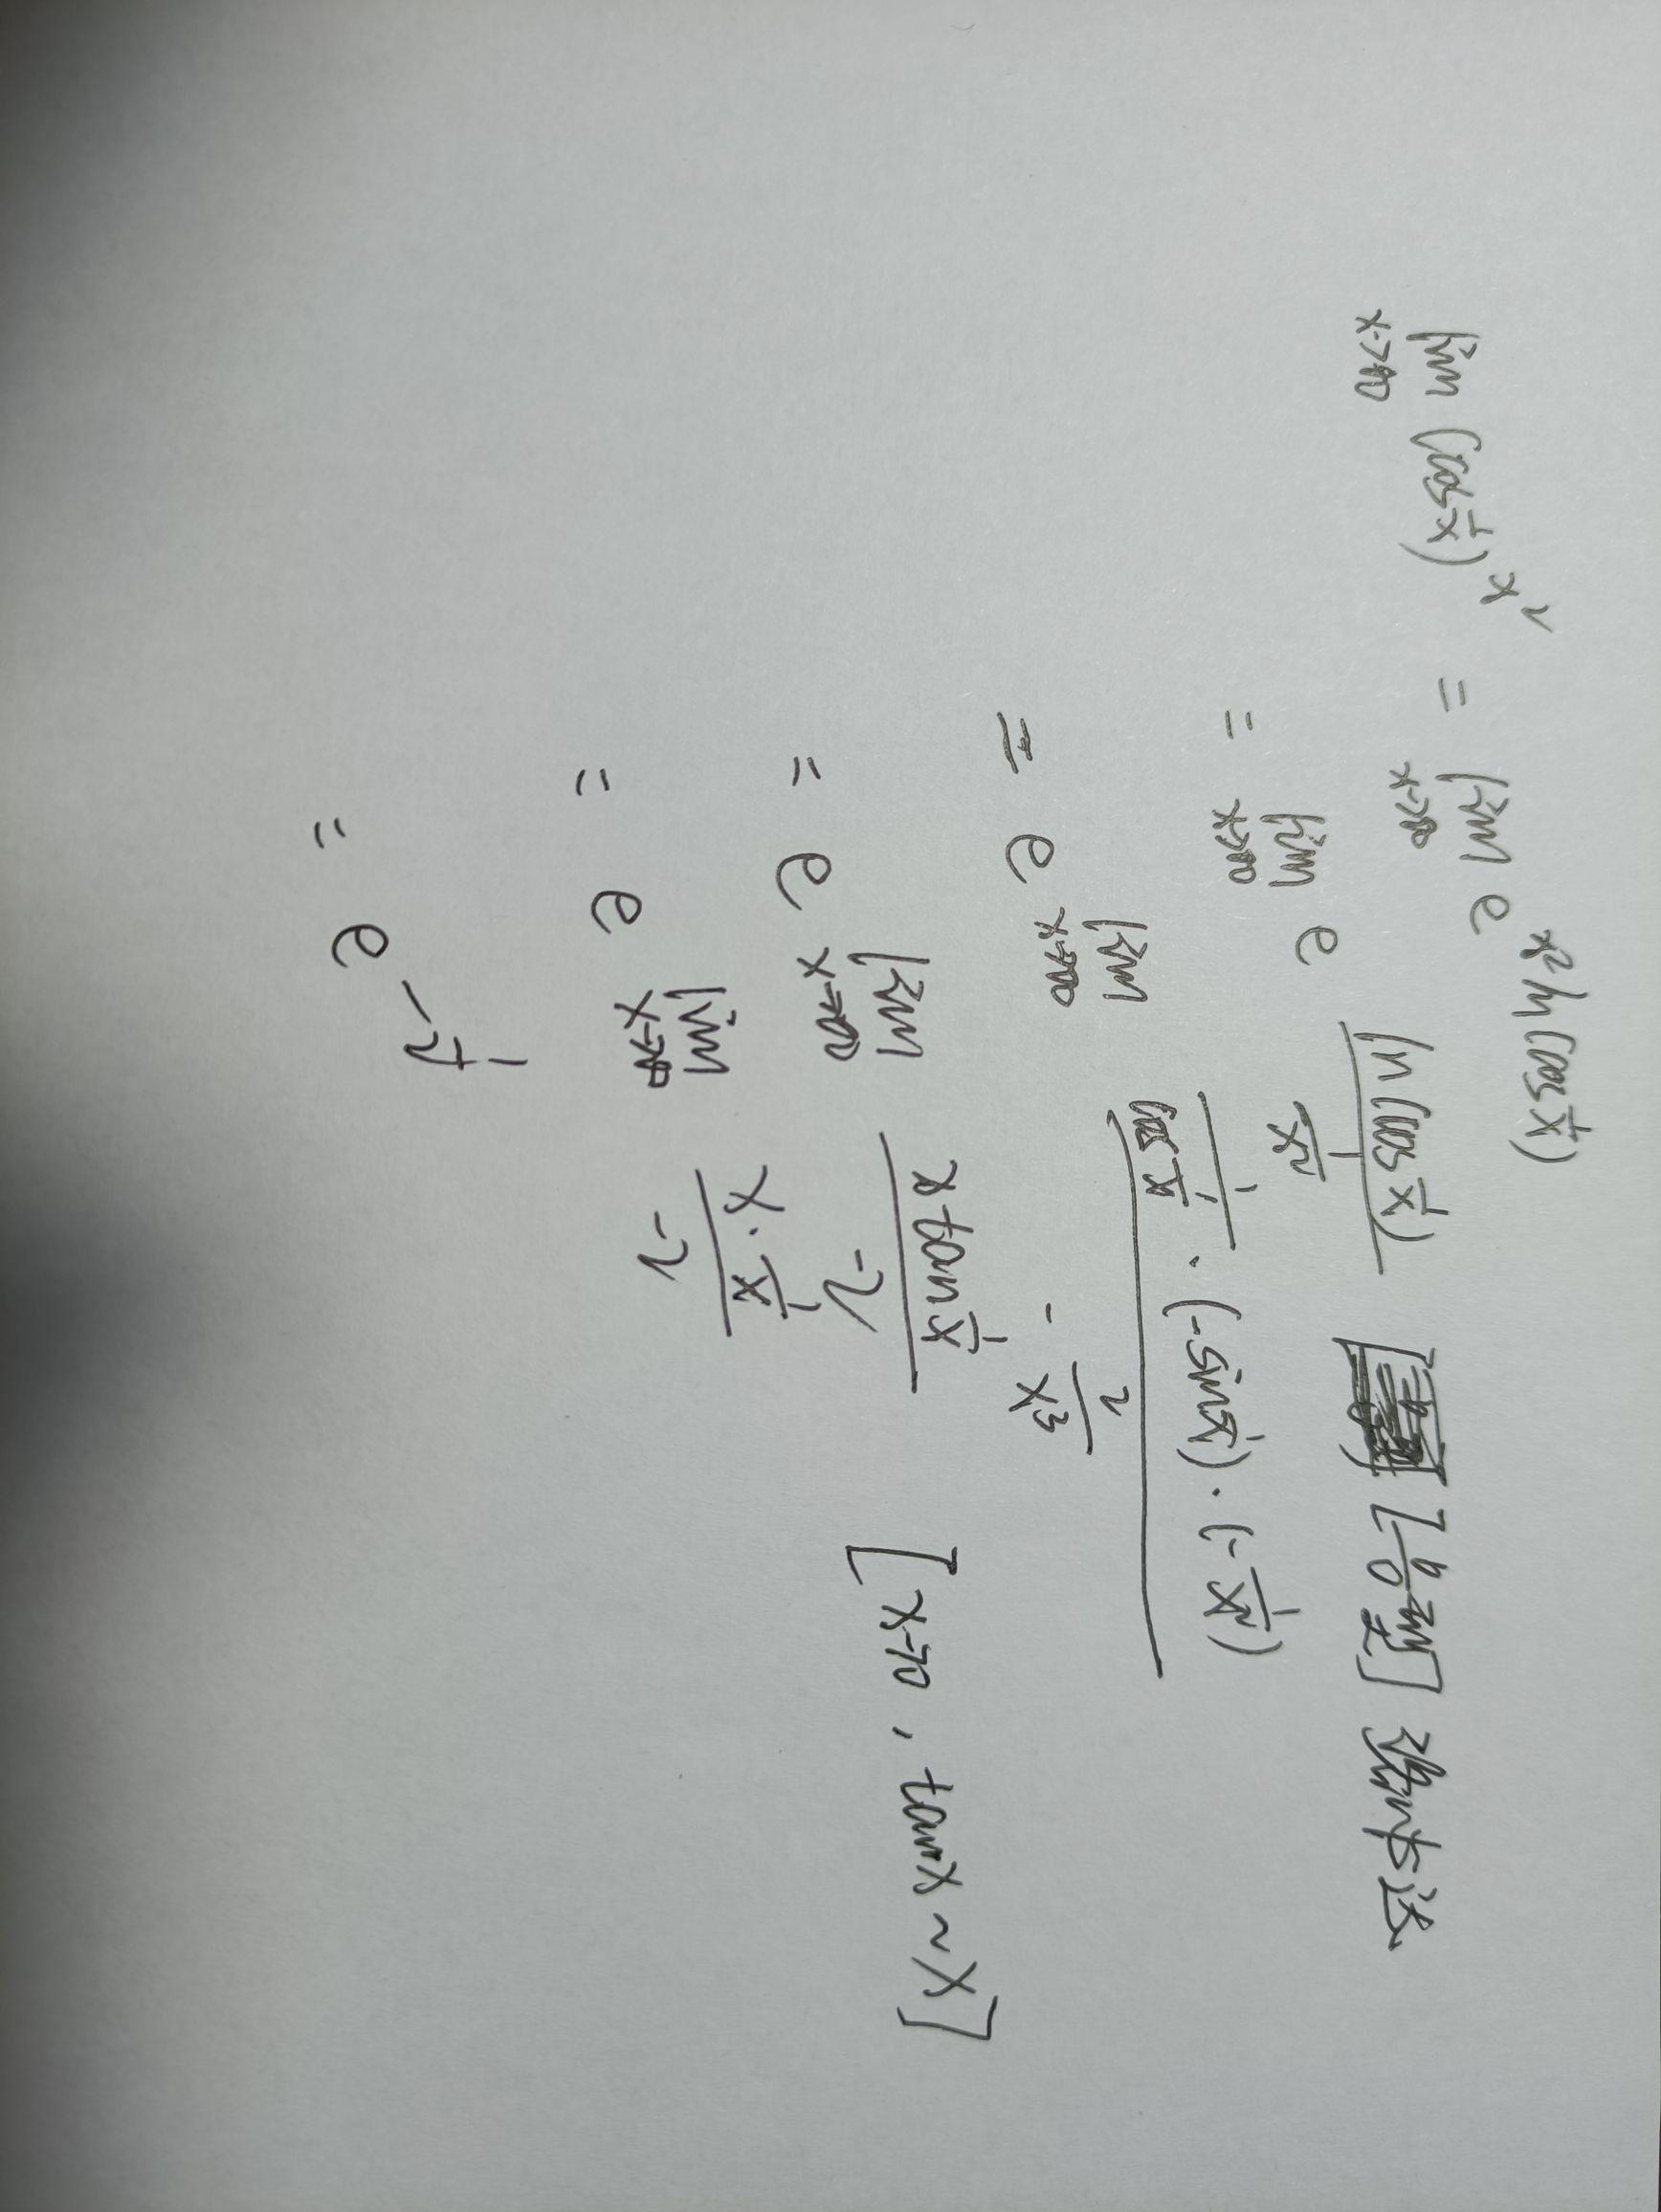 IMG_AA8C333C432FB69661D1DE9A05E217.jpeg